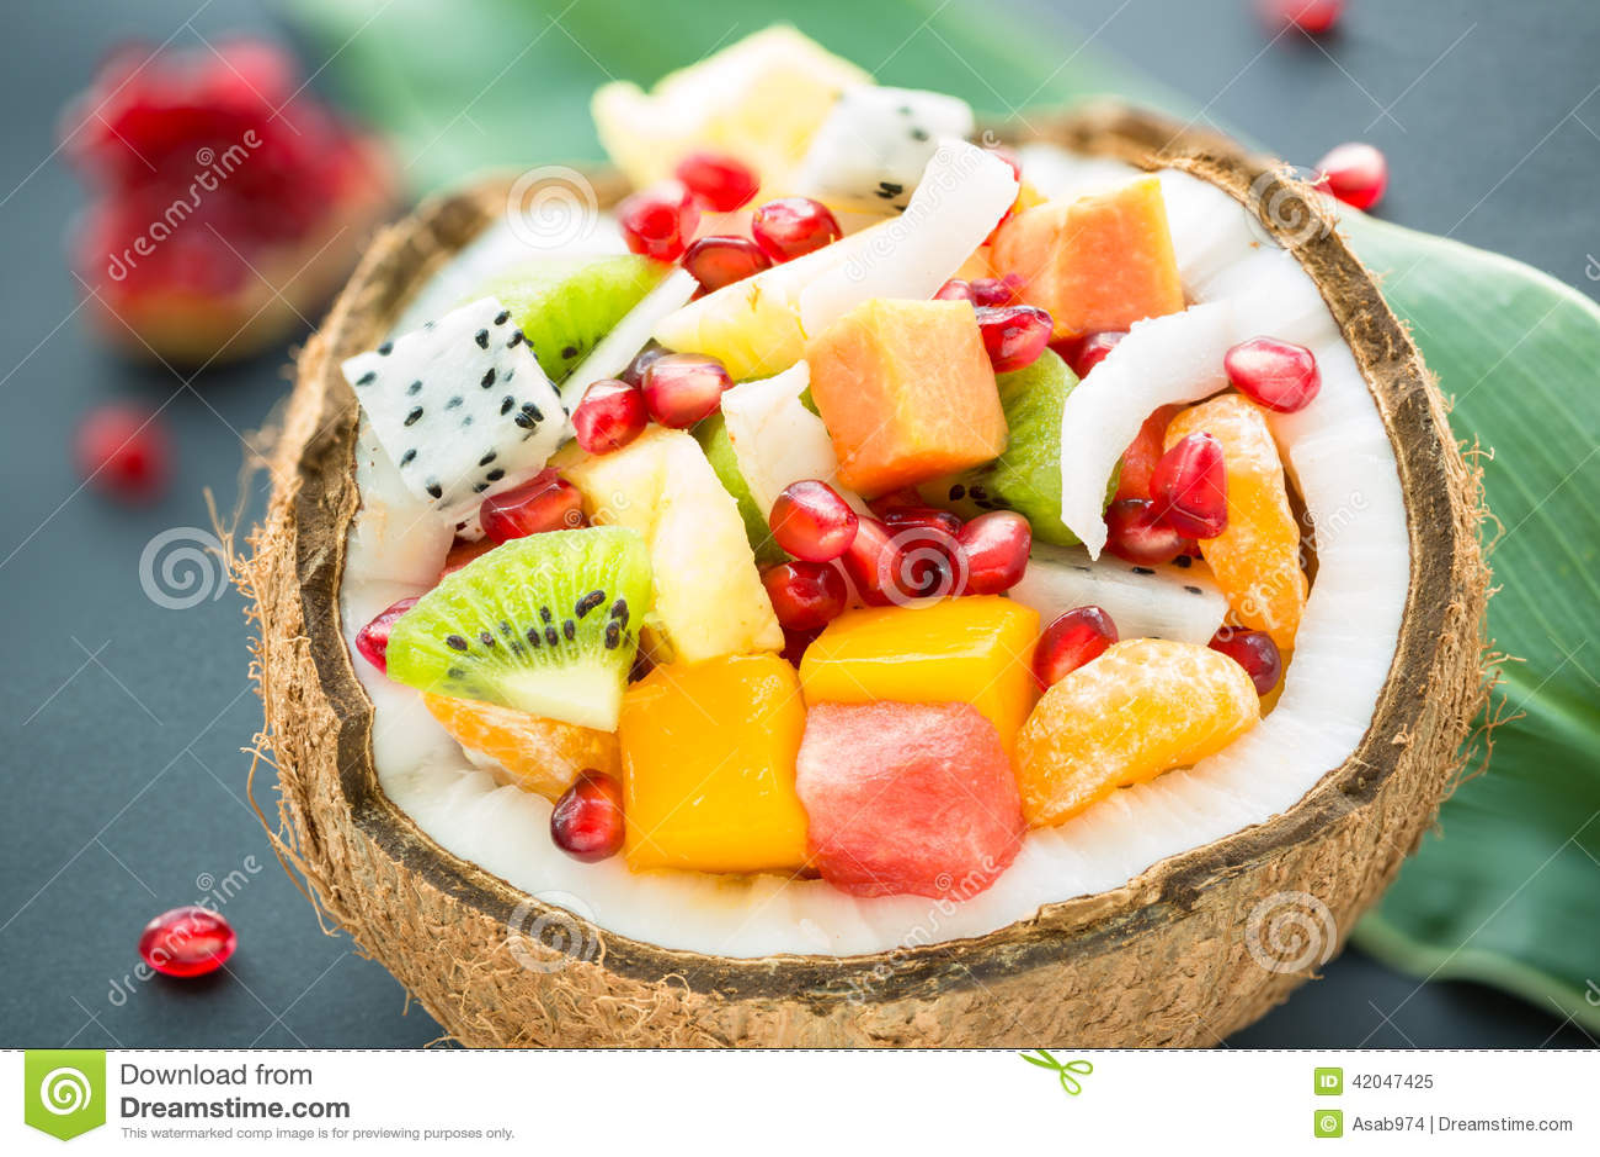 Salade de fruits exotique image stock image du cuvette - Image fruit exotique ...